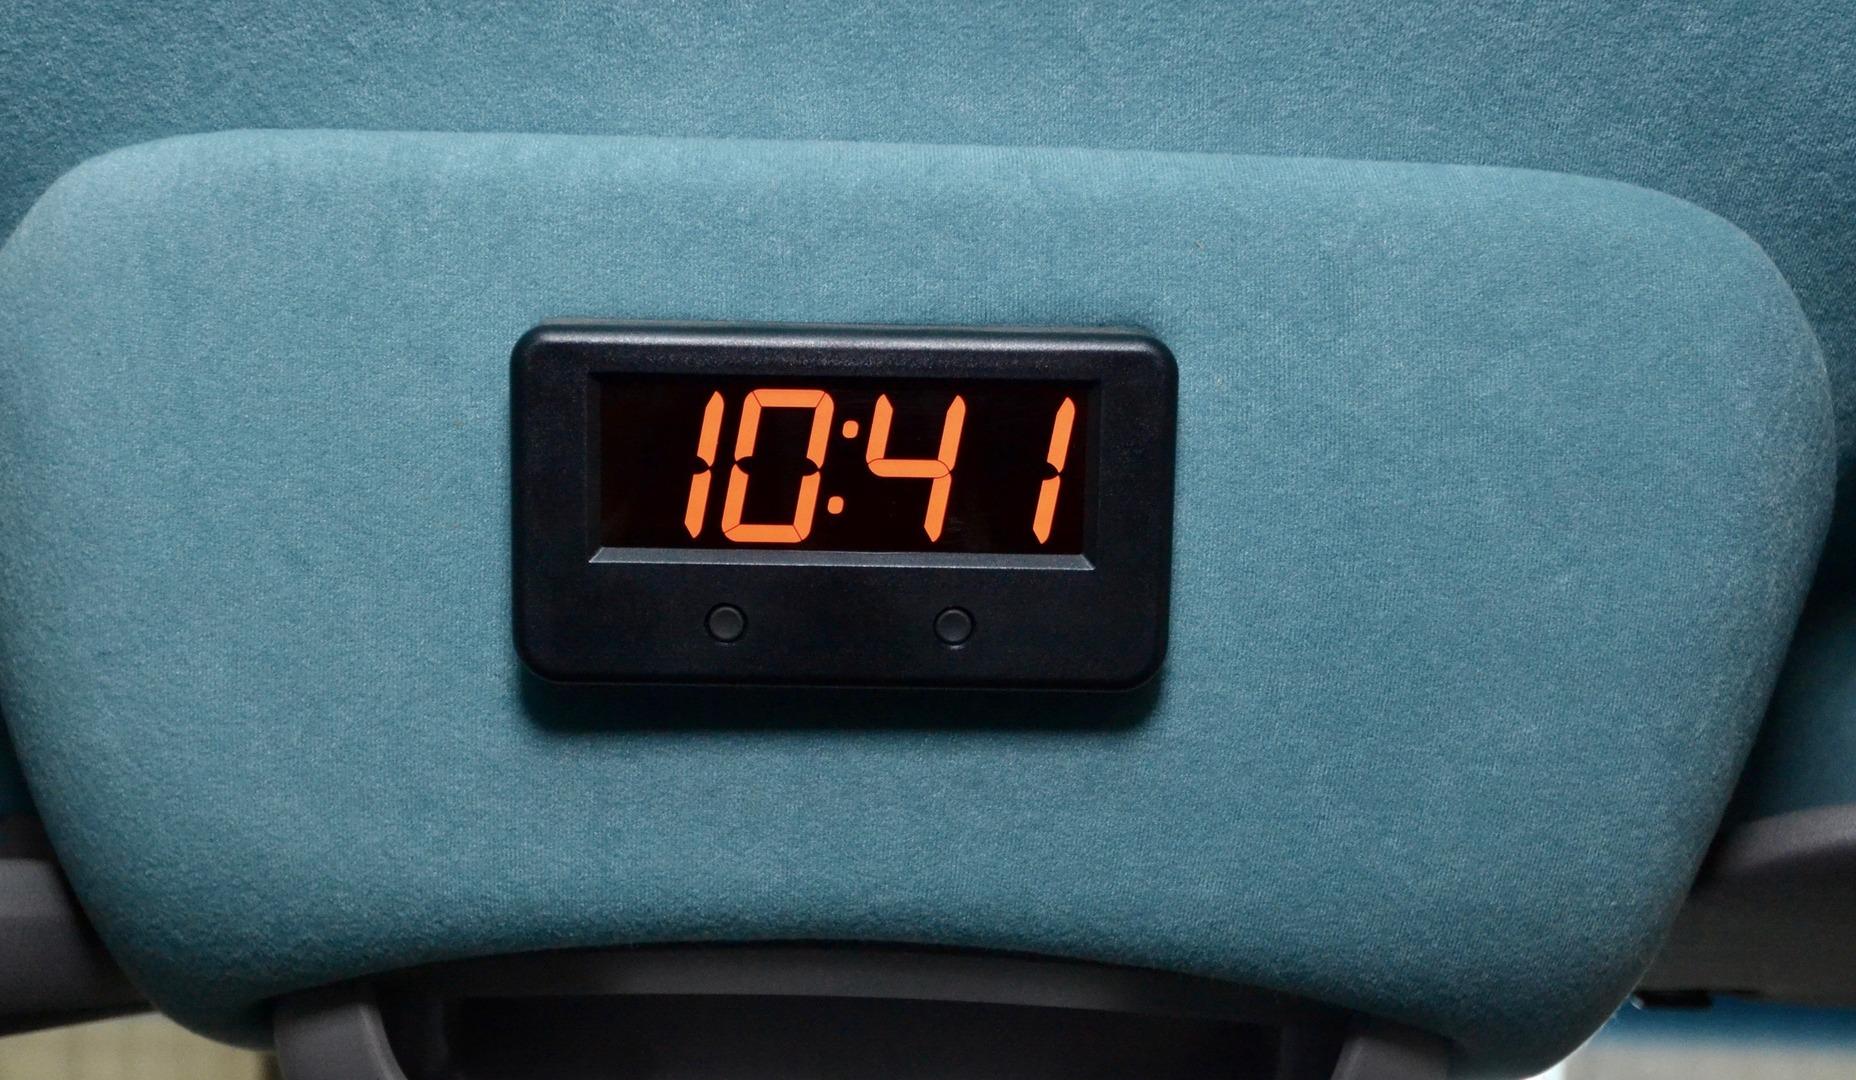 Mercedes-Benz Sprinter, Sprinter 518 CDI Prostyle 17 paikkaa